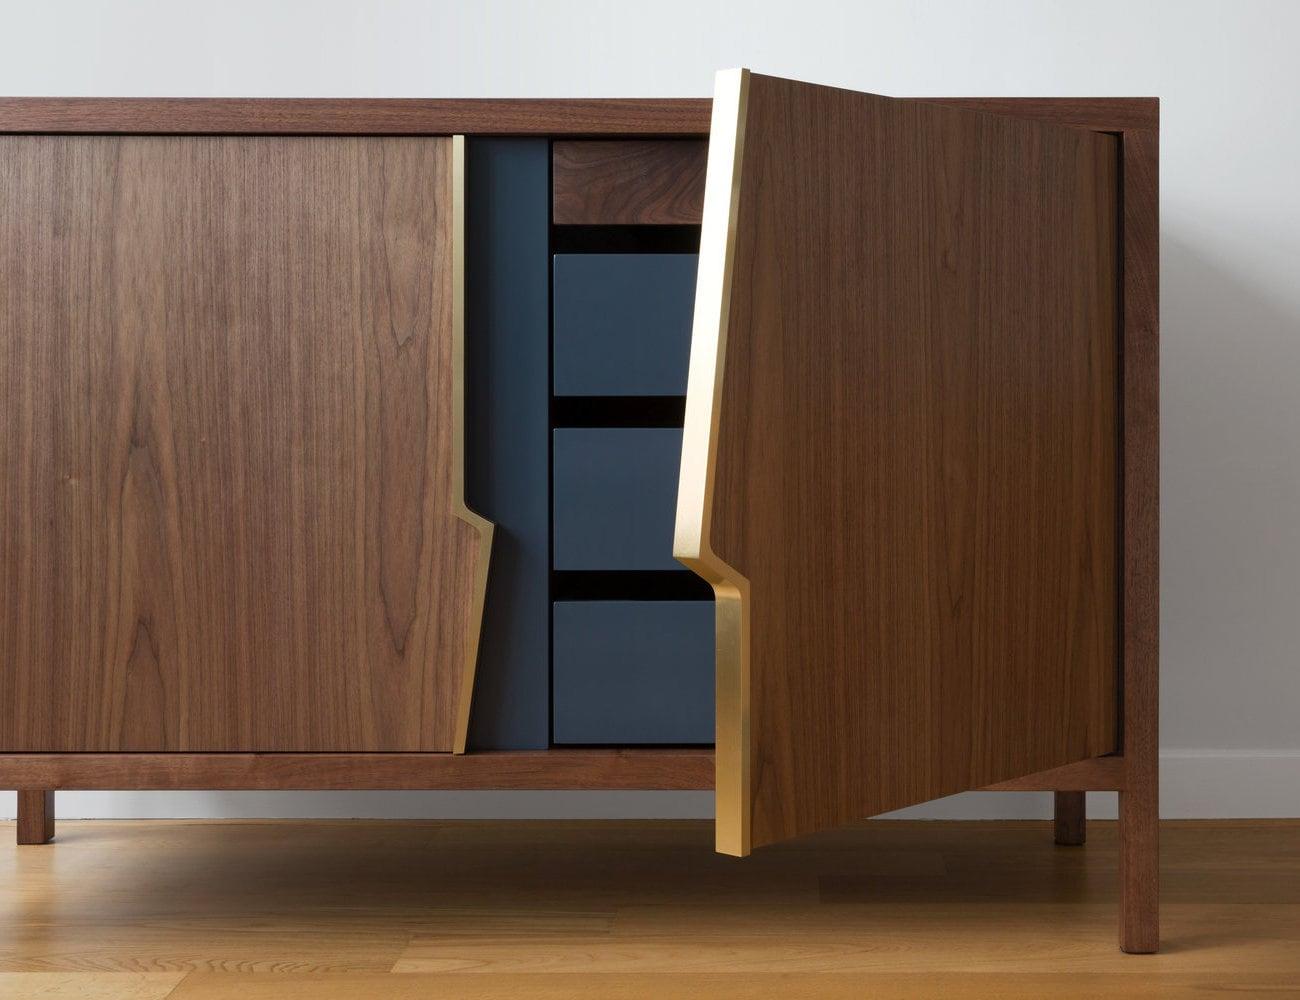 Piet Houtenbos Halsey Fracture Dresser Broken-Design Wardrobe has full-height brass handles